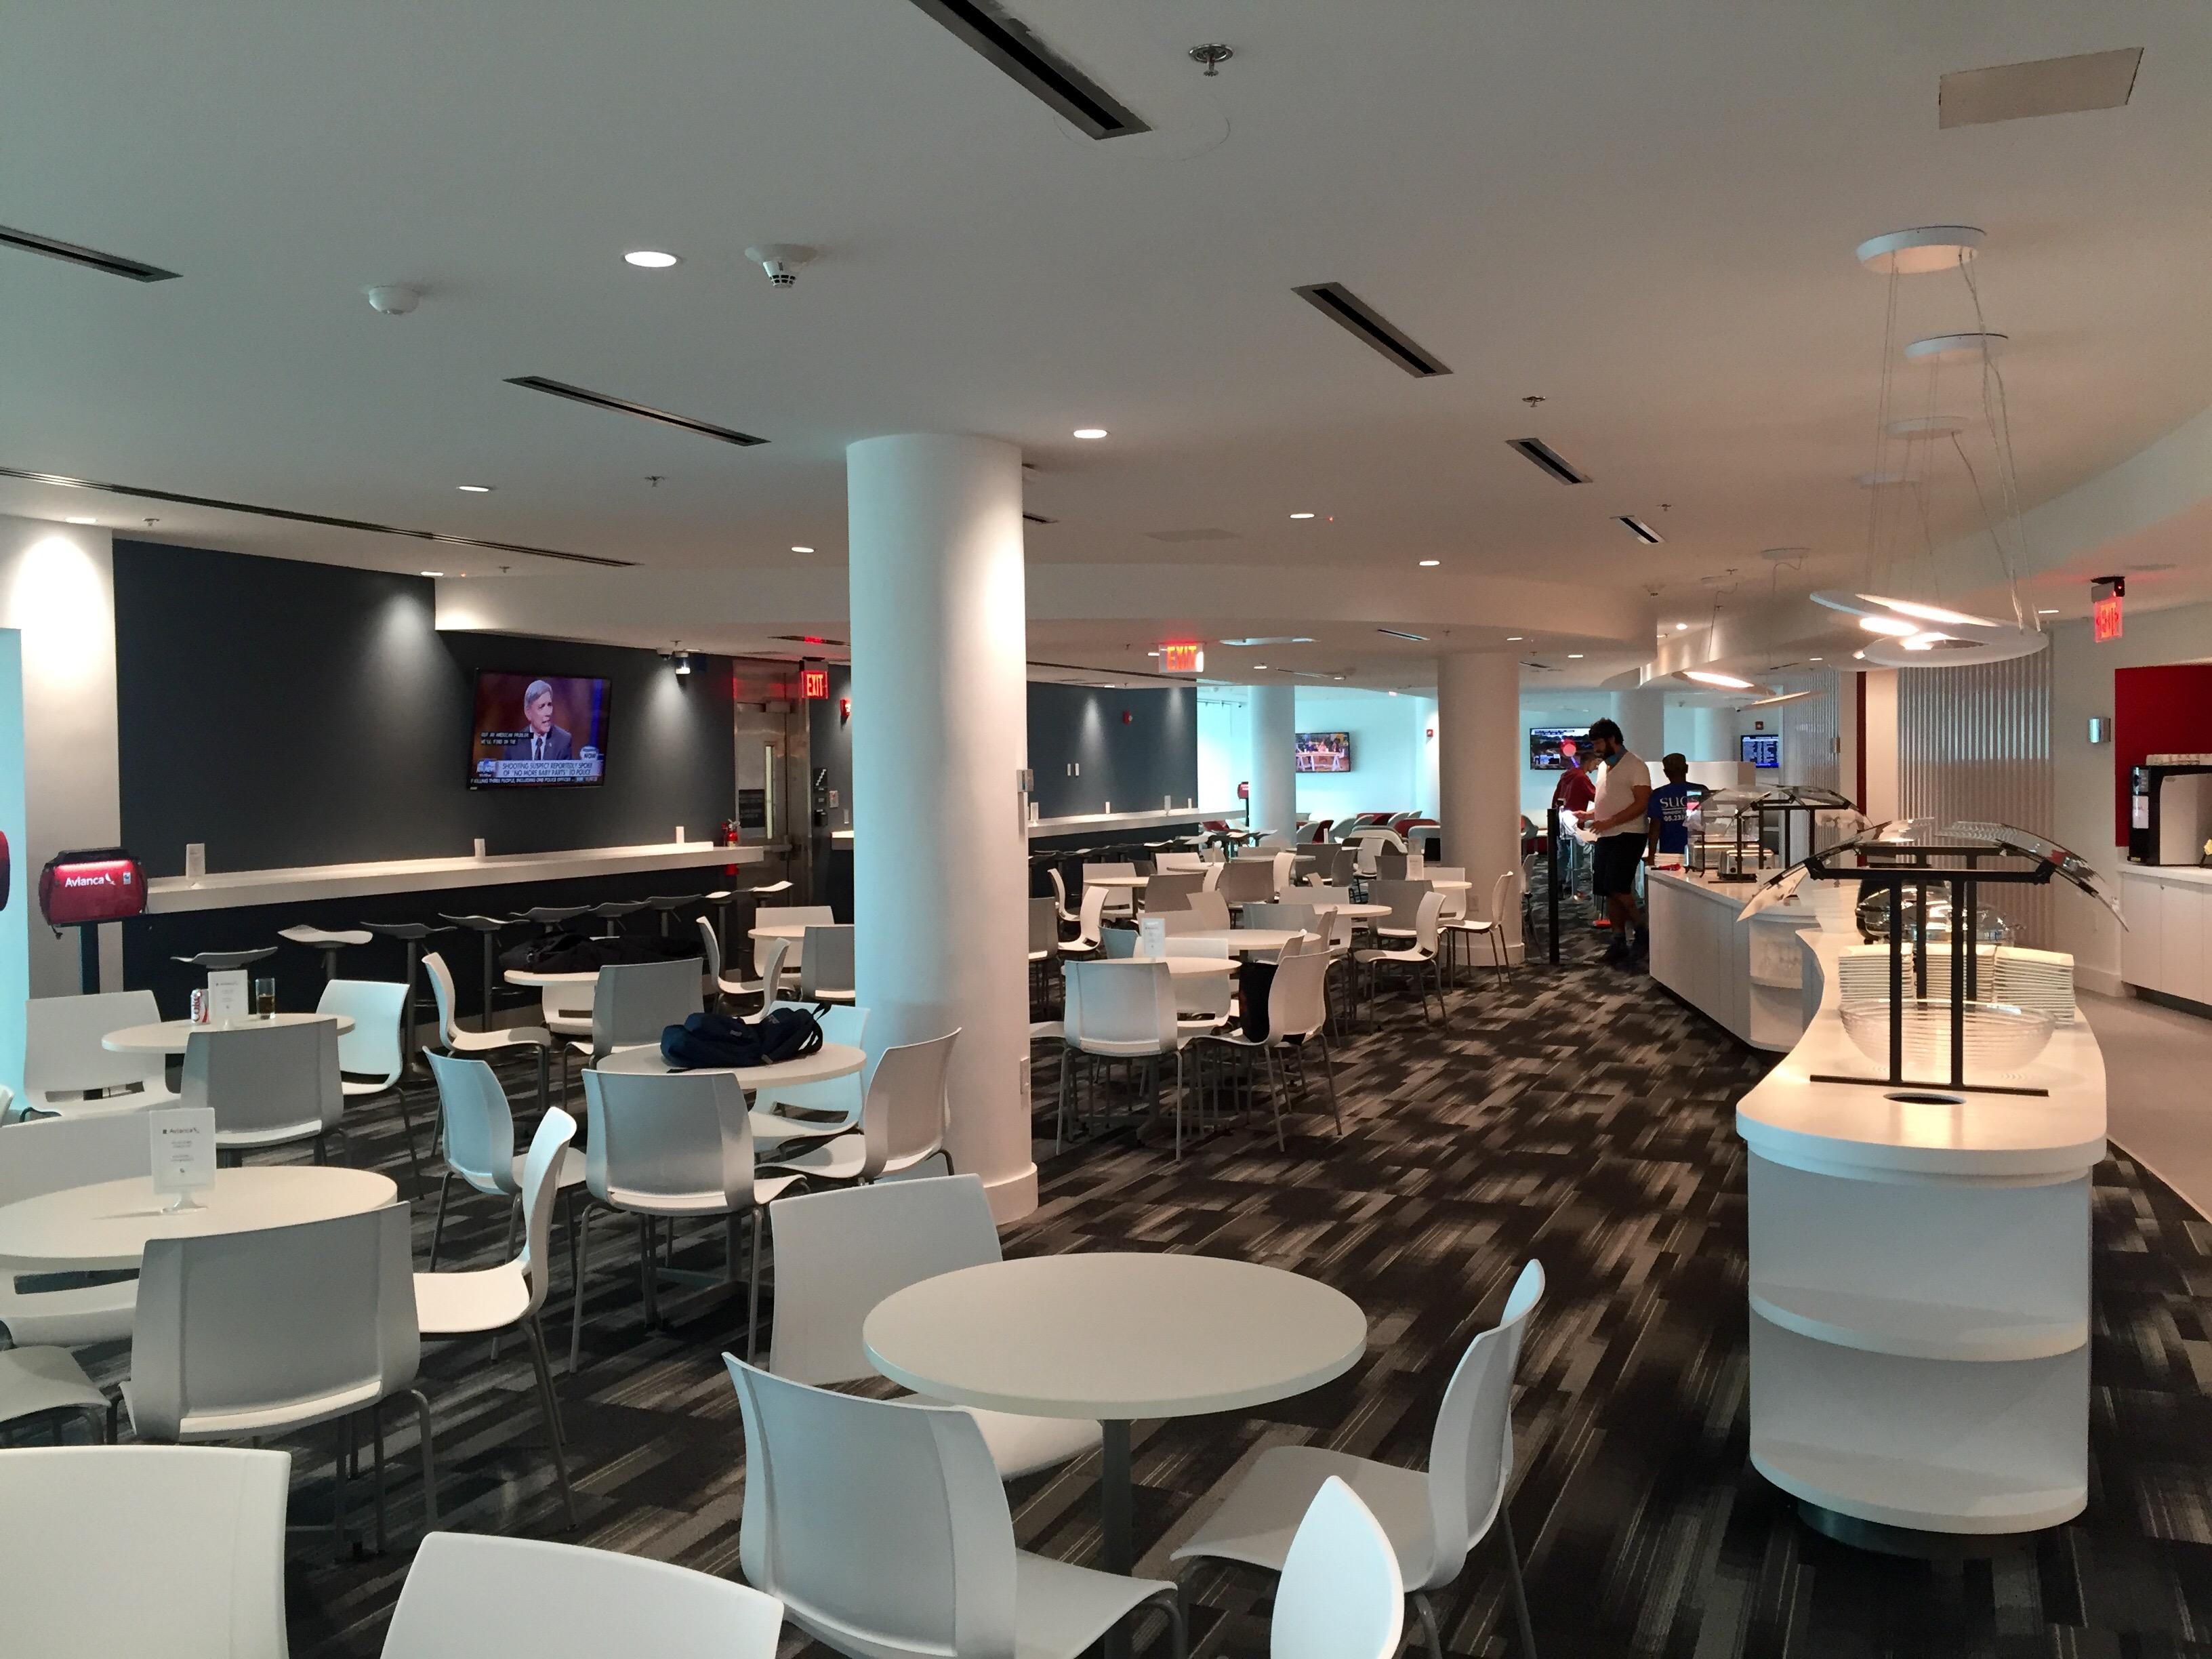 Salas VIP de aeropuertos: cómo ingresar y qué beneficios brindan